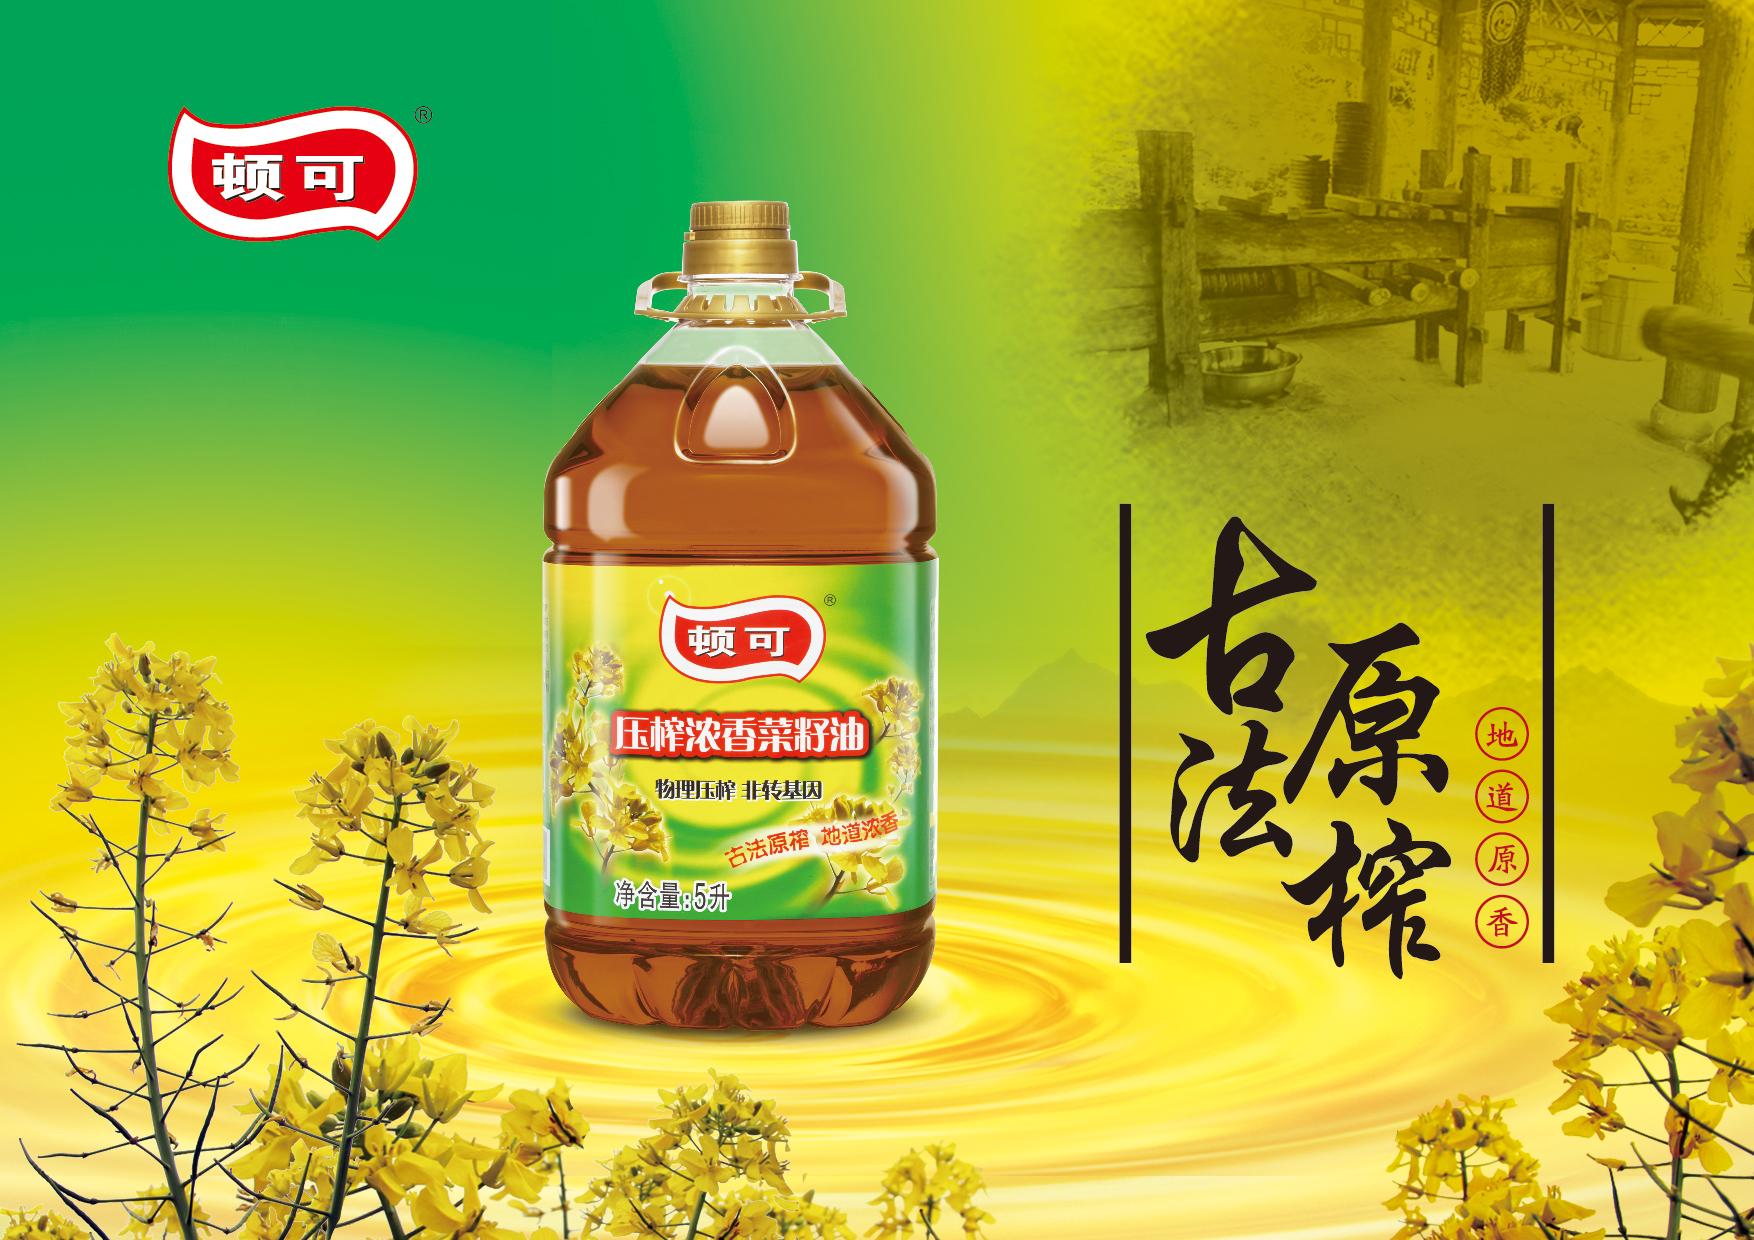 顿可产品kv-食用油-02.jpg